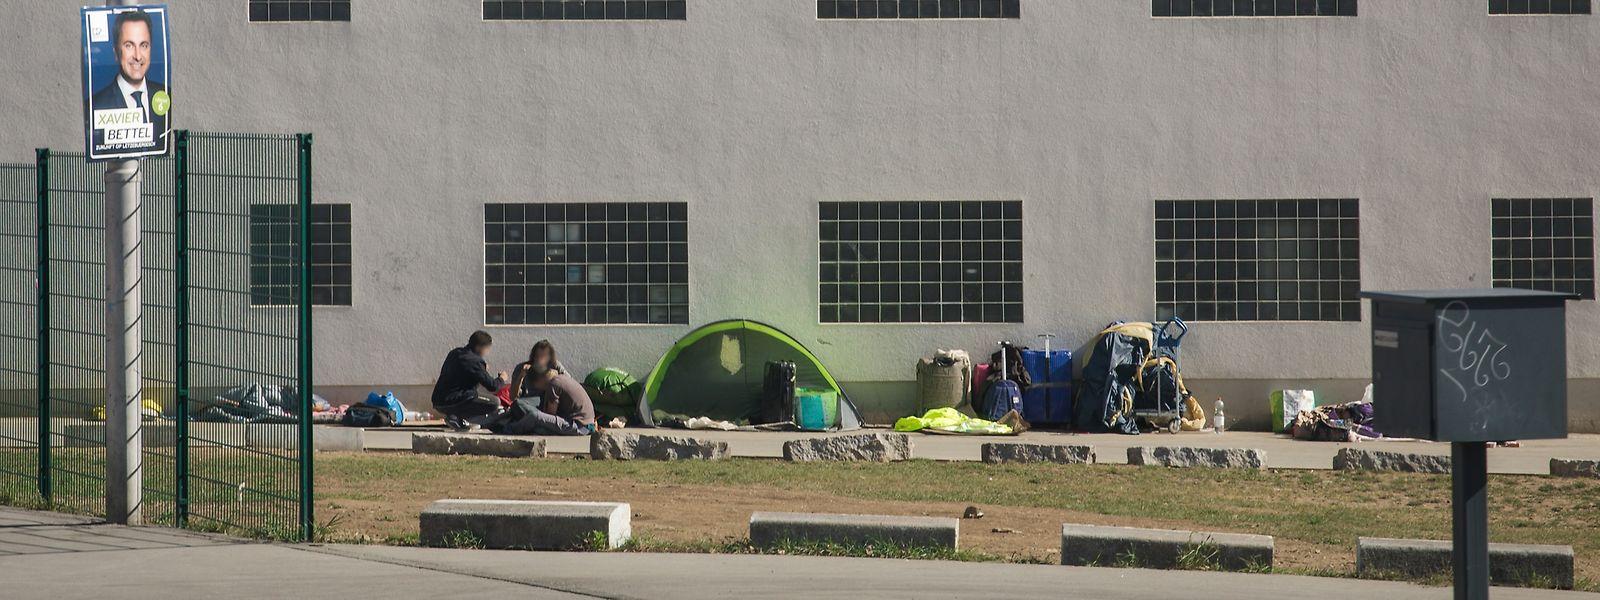 Um die Fixerstube bilden sich zeitweise regelrechte Camps. Dies führt zu Konflikten mit den benachbarten Betrieben.